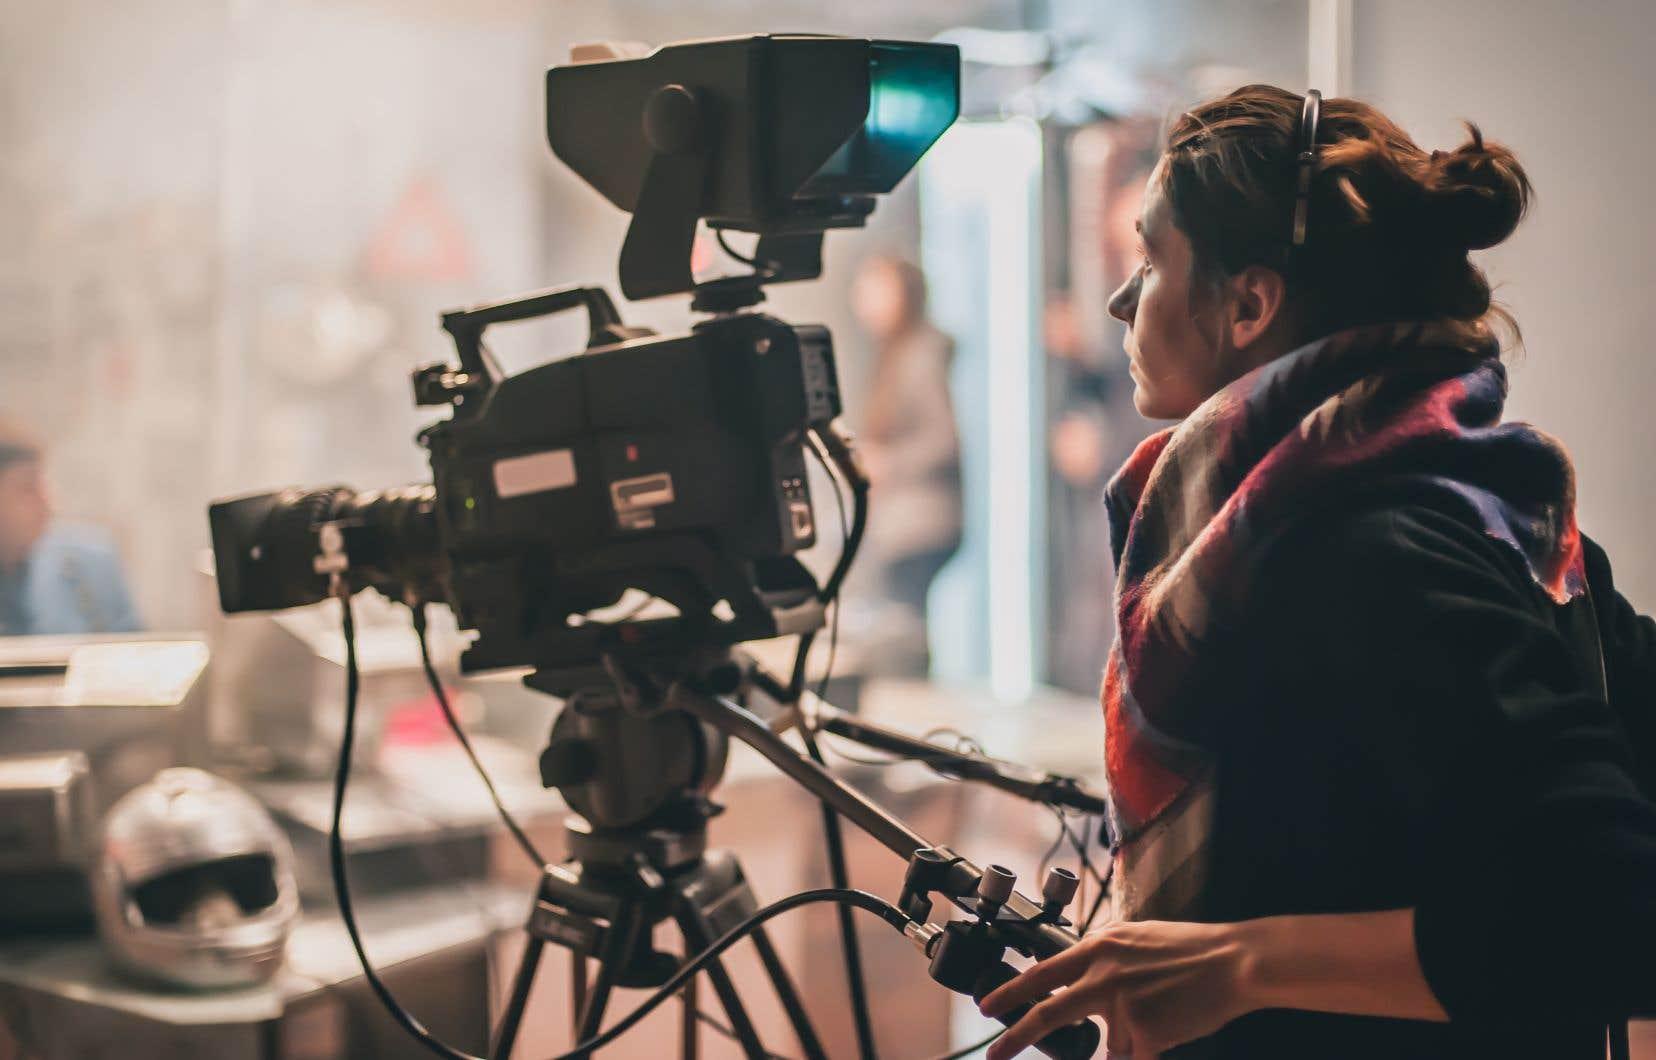 Tant pour l'AQTIS que l'AQPM, le prochain combat consistera donc à interpeller les gouvernements fédéral et provincial pour que le financement des productions audiovisuelles soit amélioré.